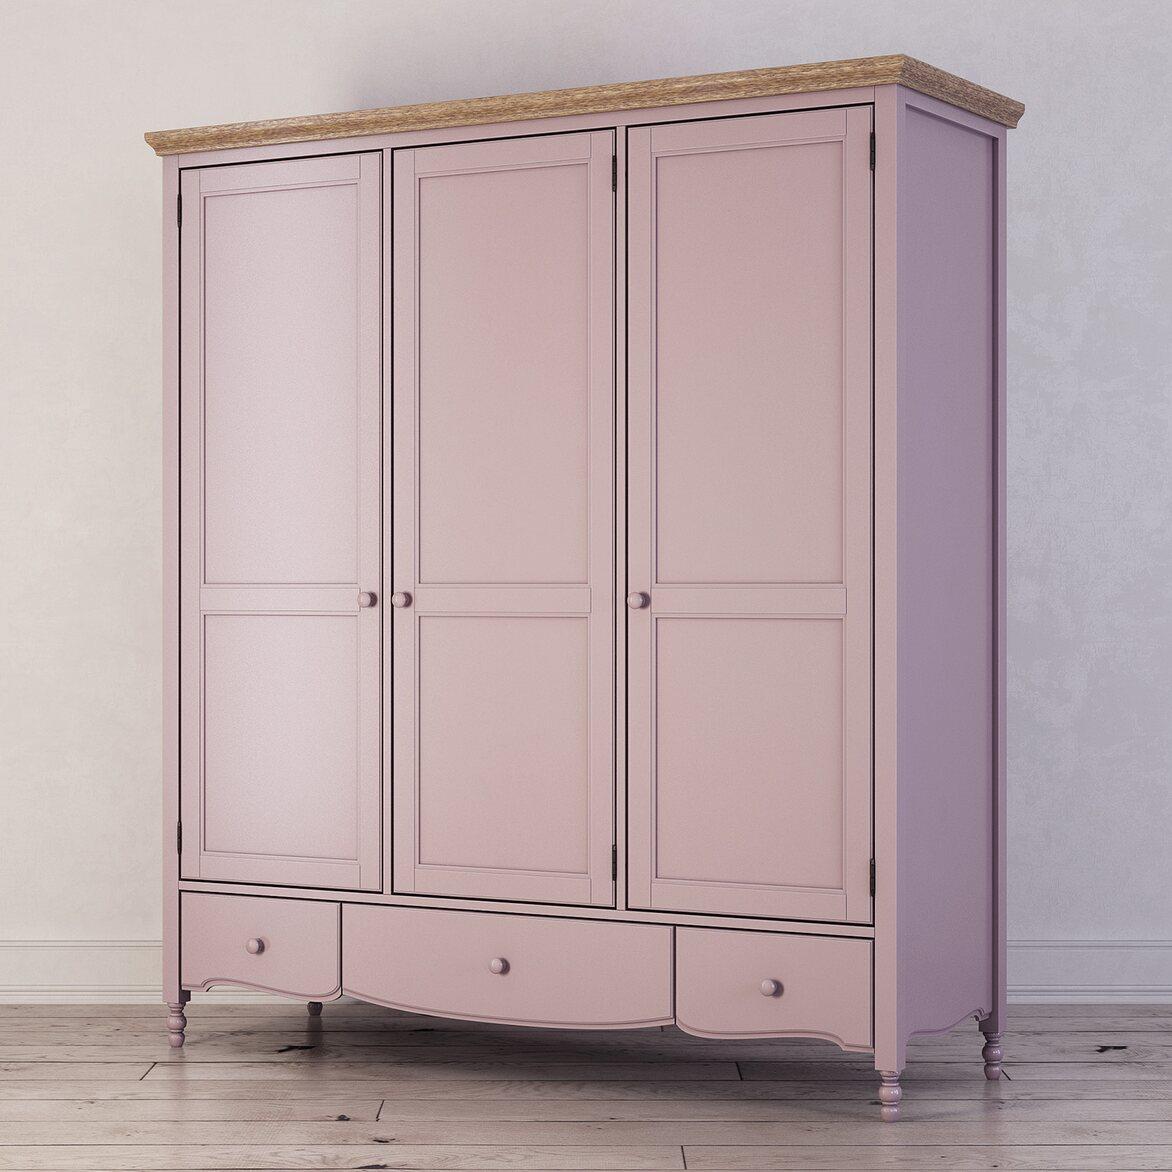 Шкаф трехстворчатый Leblanc, лаванда 2   Платяные шкафы Kingsby